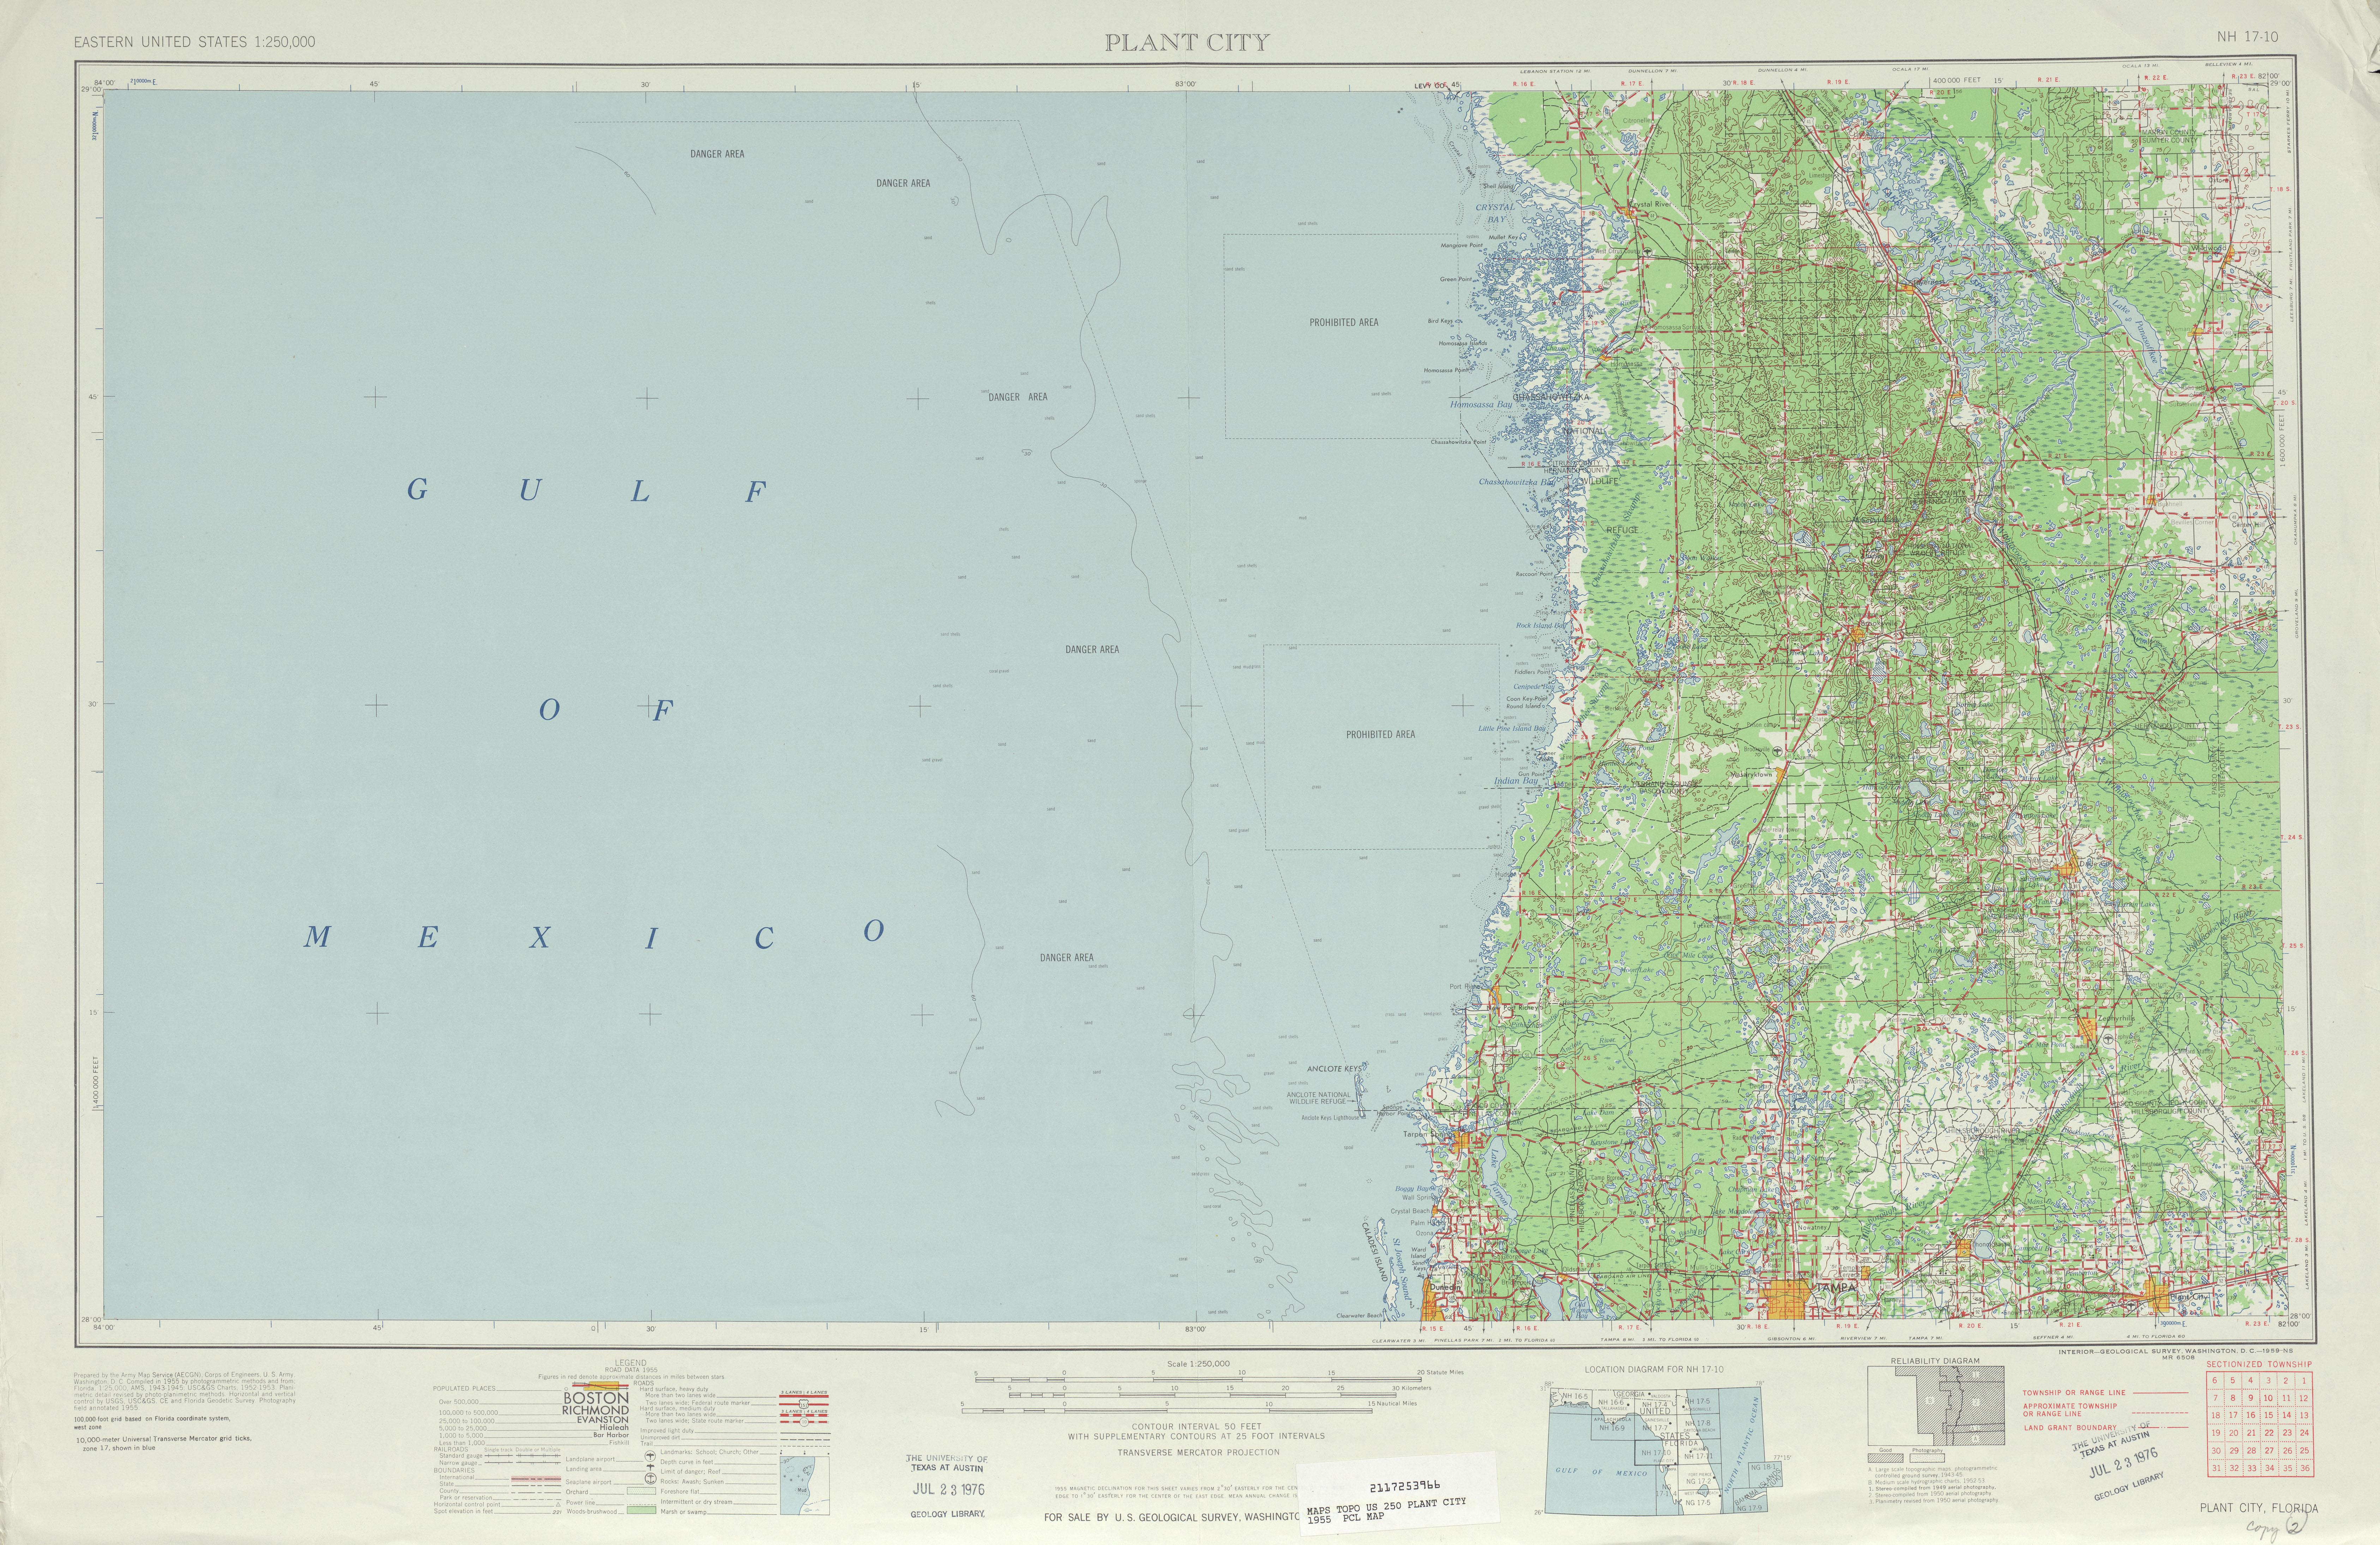 Hoja Plant City del Mapa Topográfico de los Estados Unidos 1955